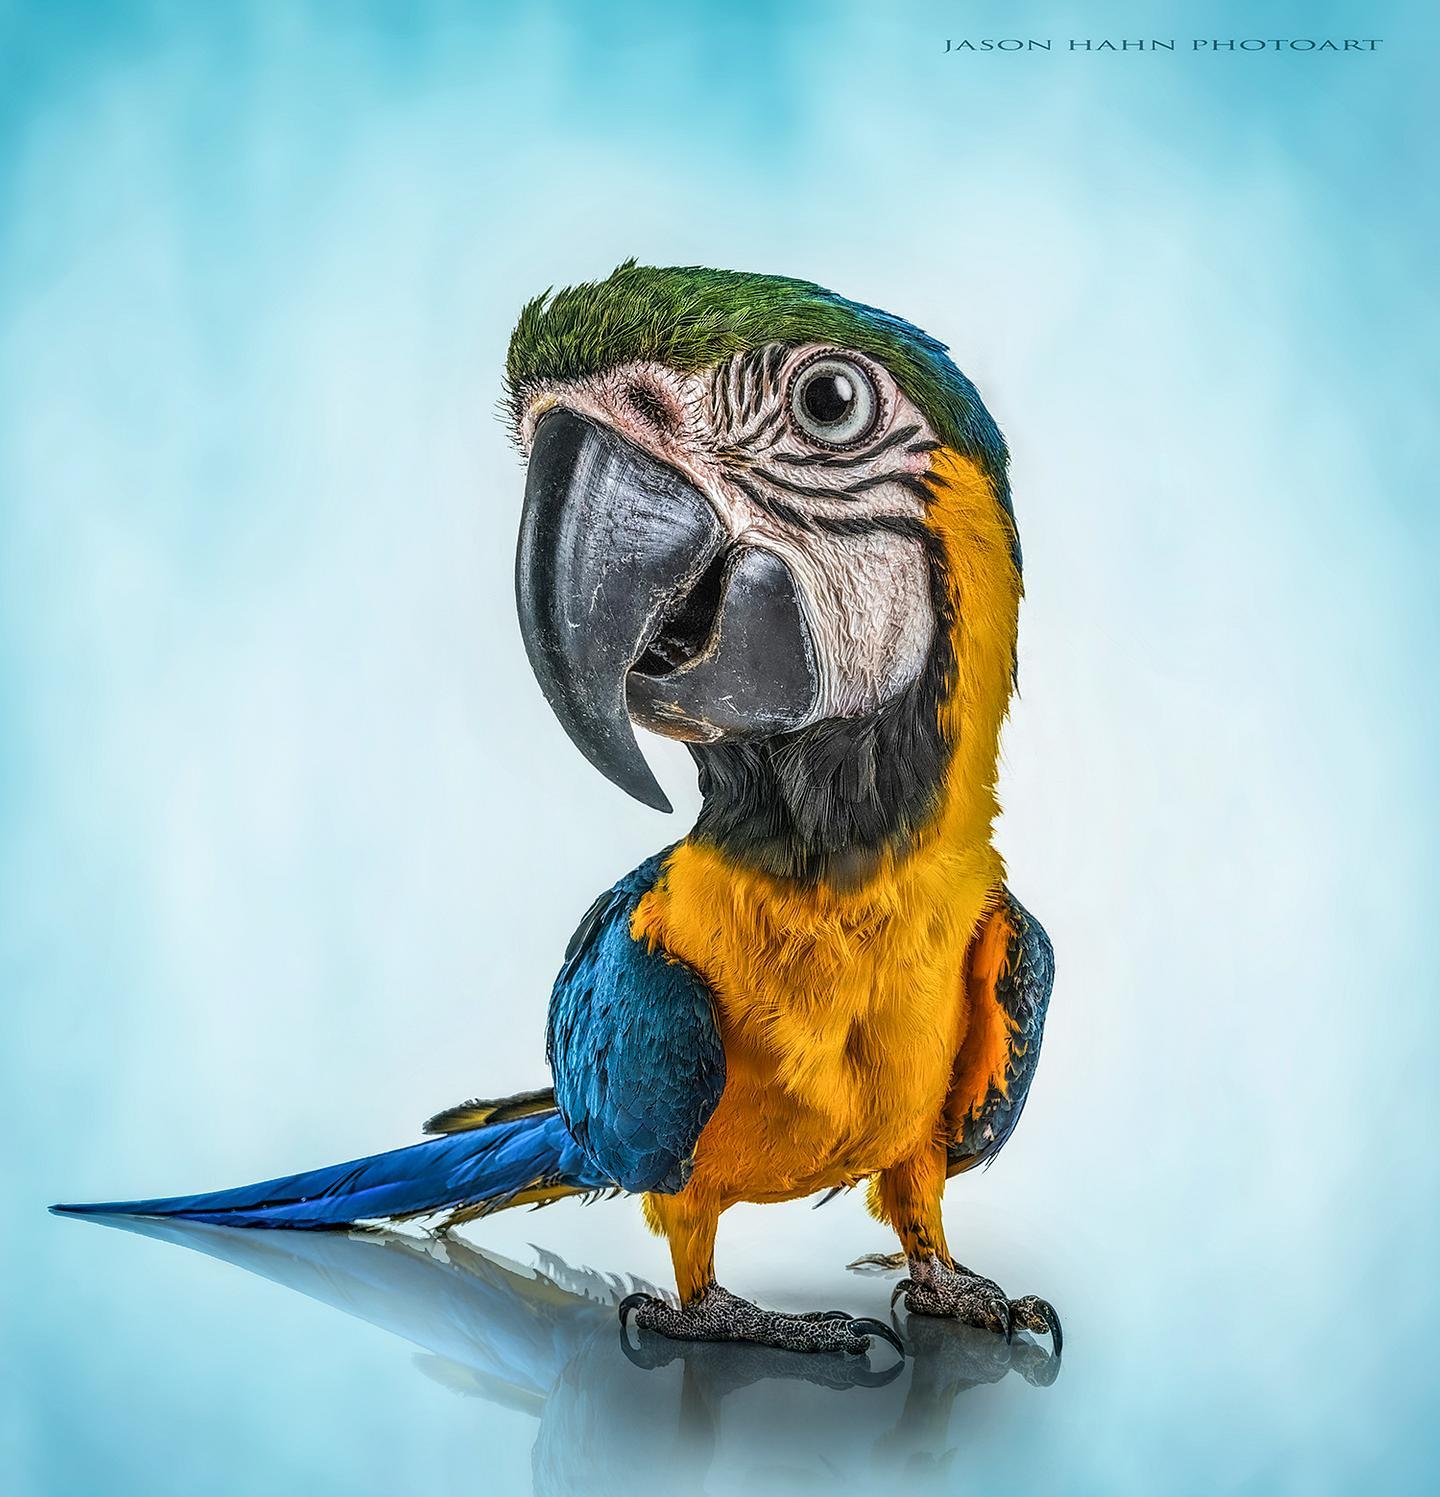 Polly wanna cracka